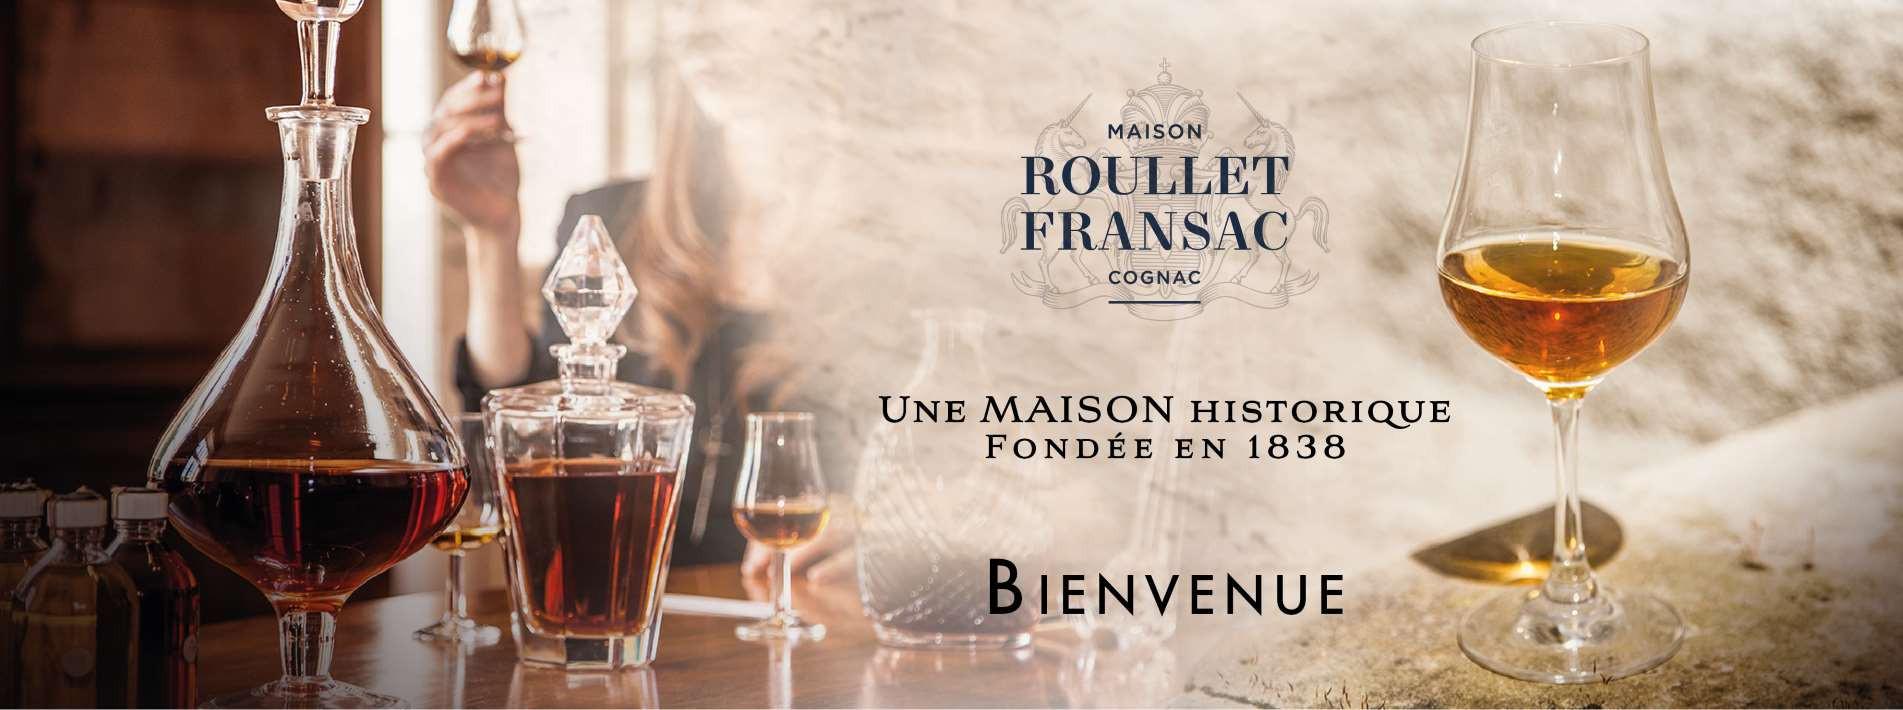 Roullet Fransac : Une maison historique fondée en 1838